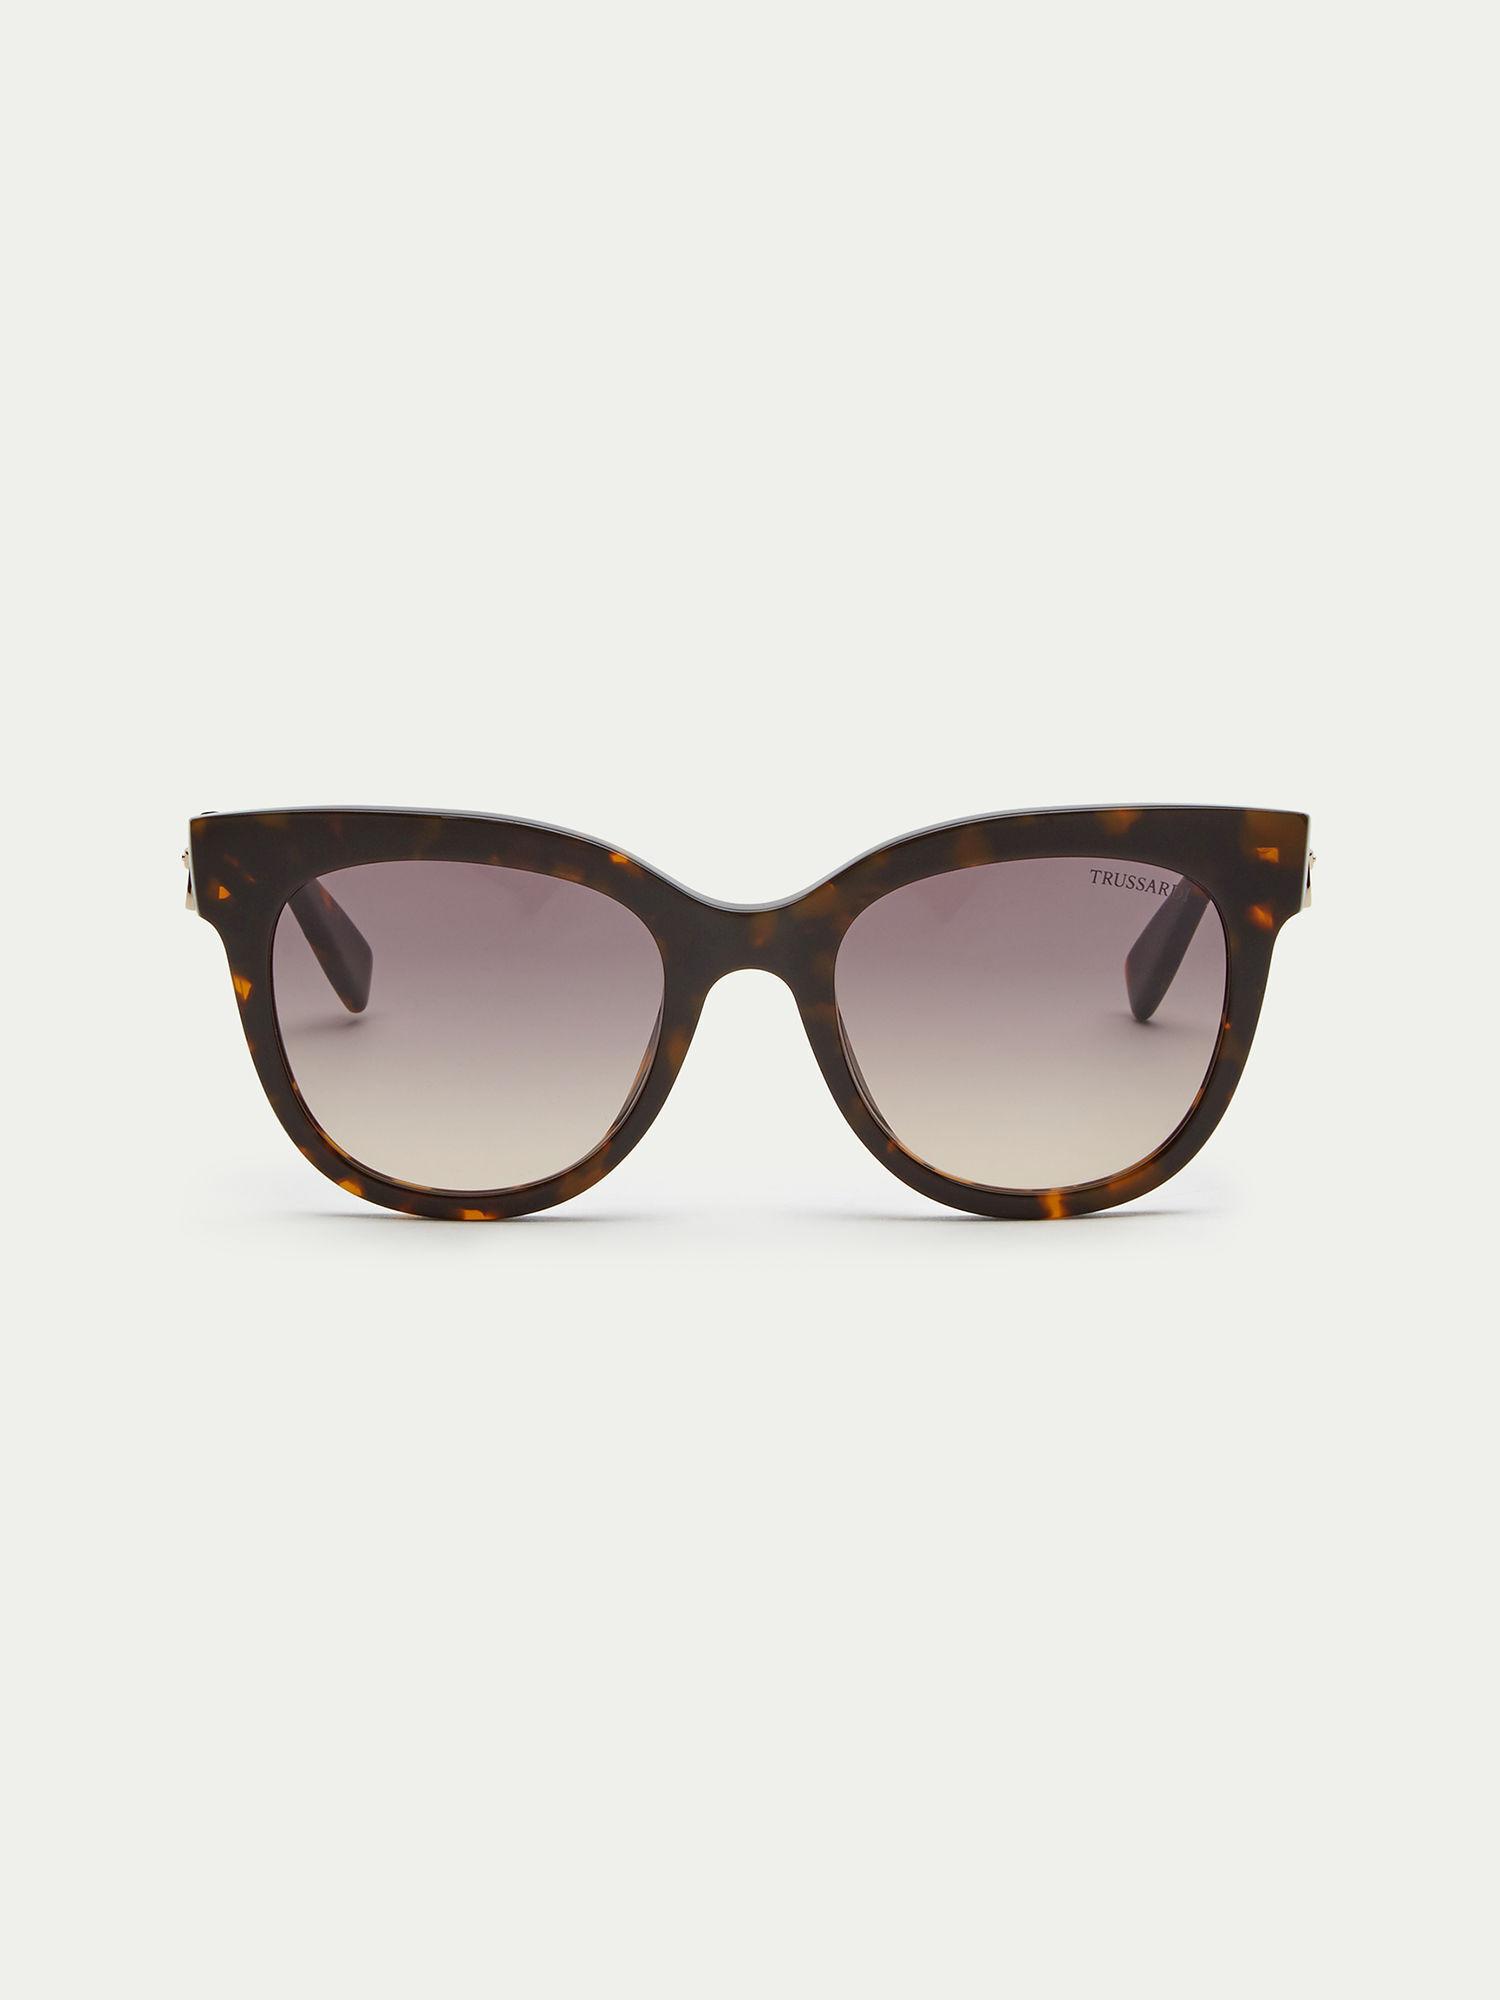 World of Glasses - Lunettes de soleil - Homme Écaille de tortue LwWZex3I